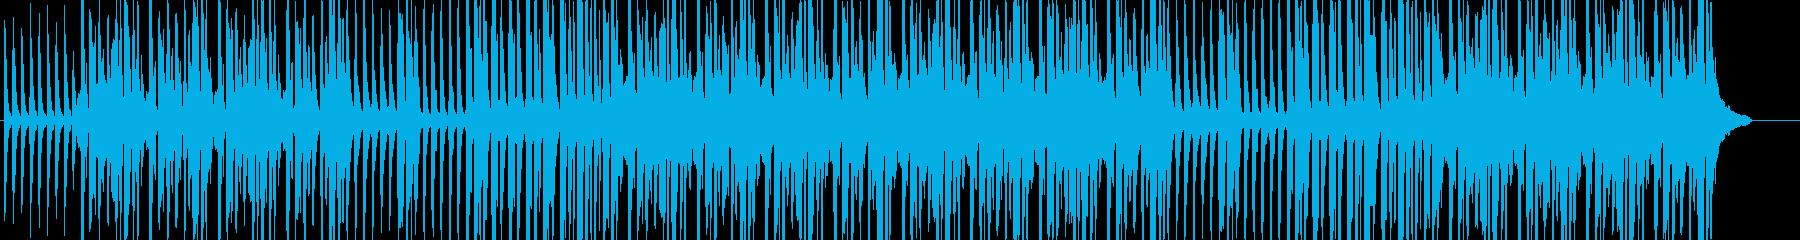 ほのぼの雰囲気のリコーダー三重奏の再生済みの波形